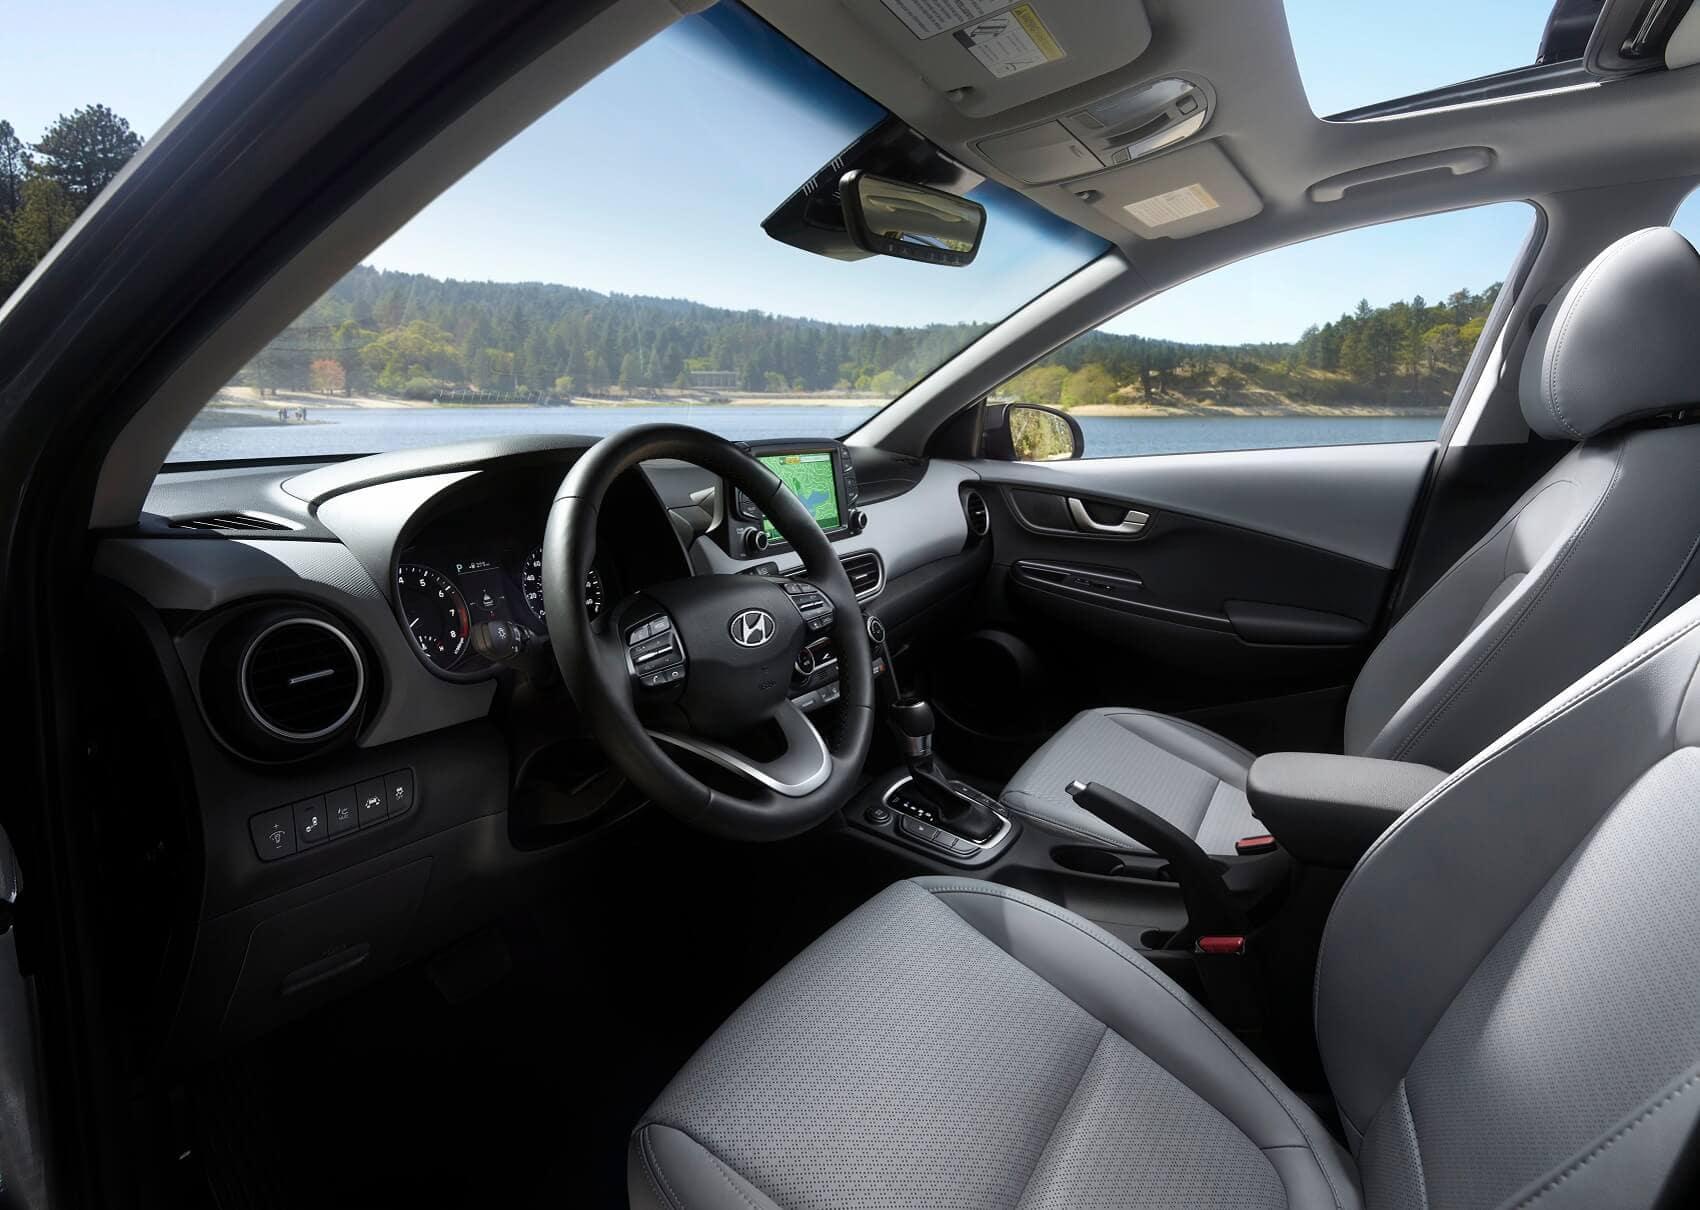 Hyundai Kona Interior Space